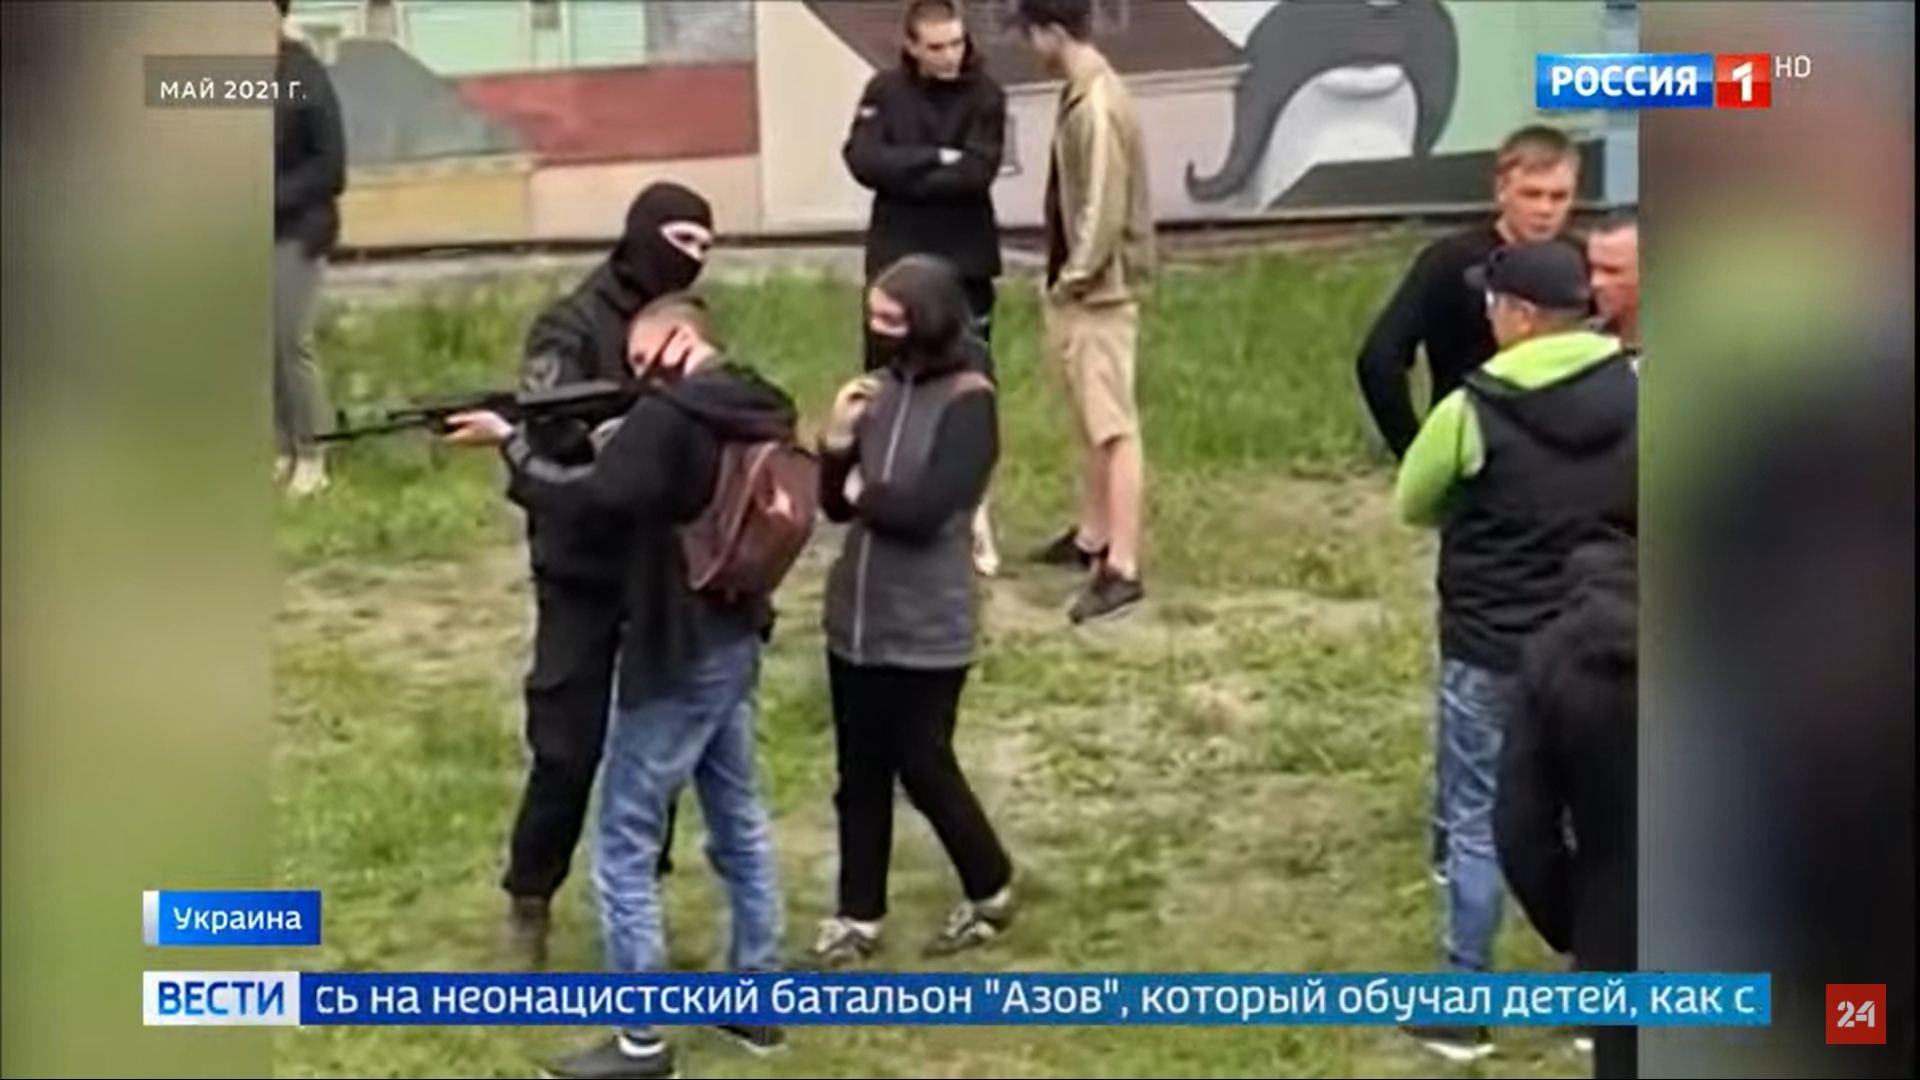 Кадры сюжета пропагандистского телеканала .